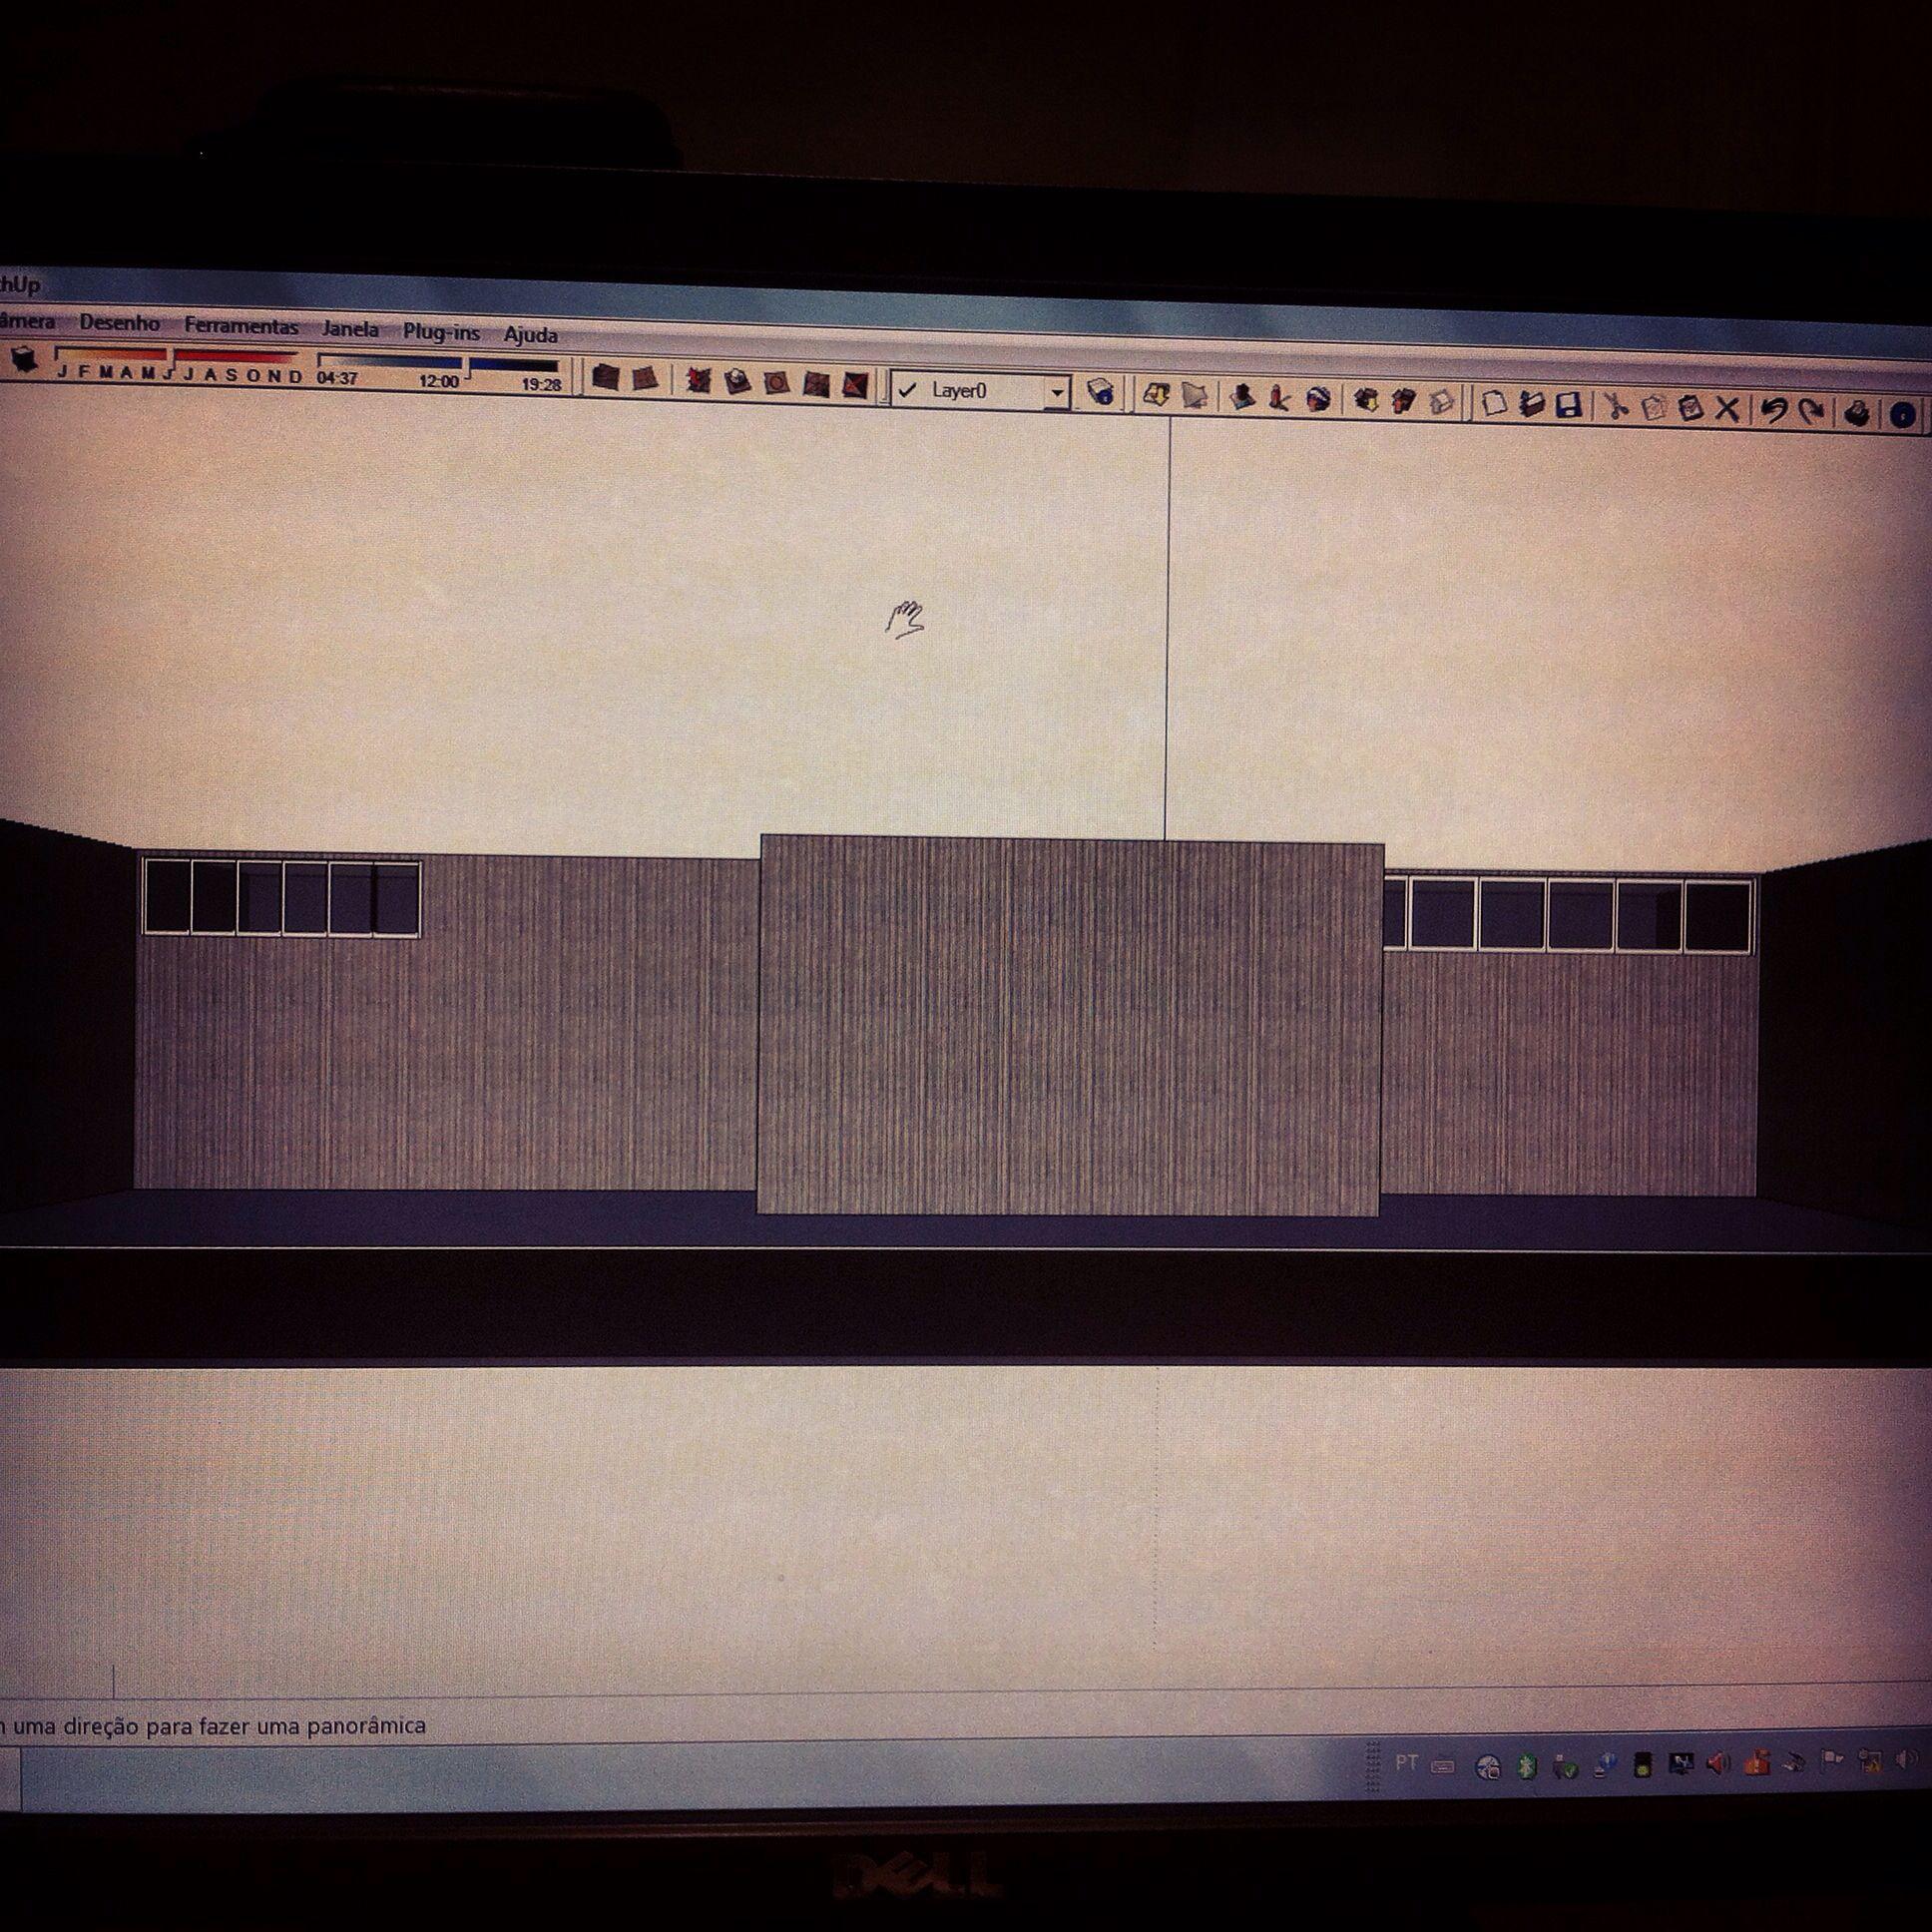 Perspectiva digital do projeto de casa pátio para a faculdade.